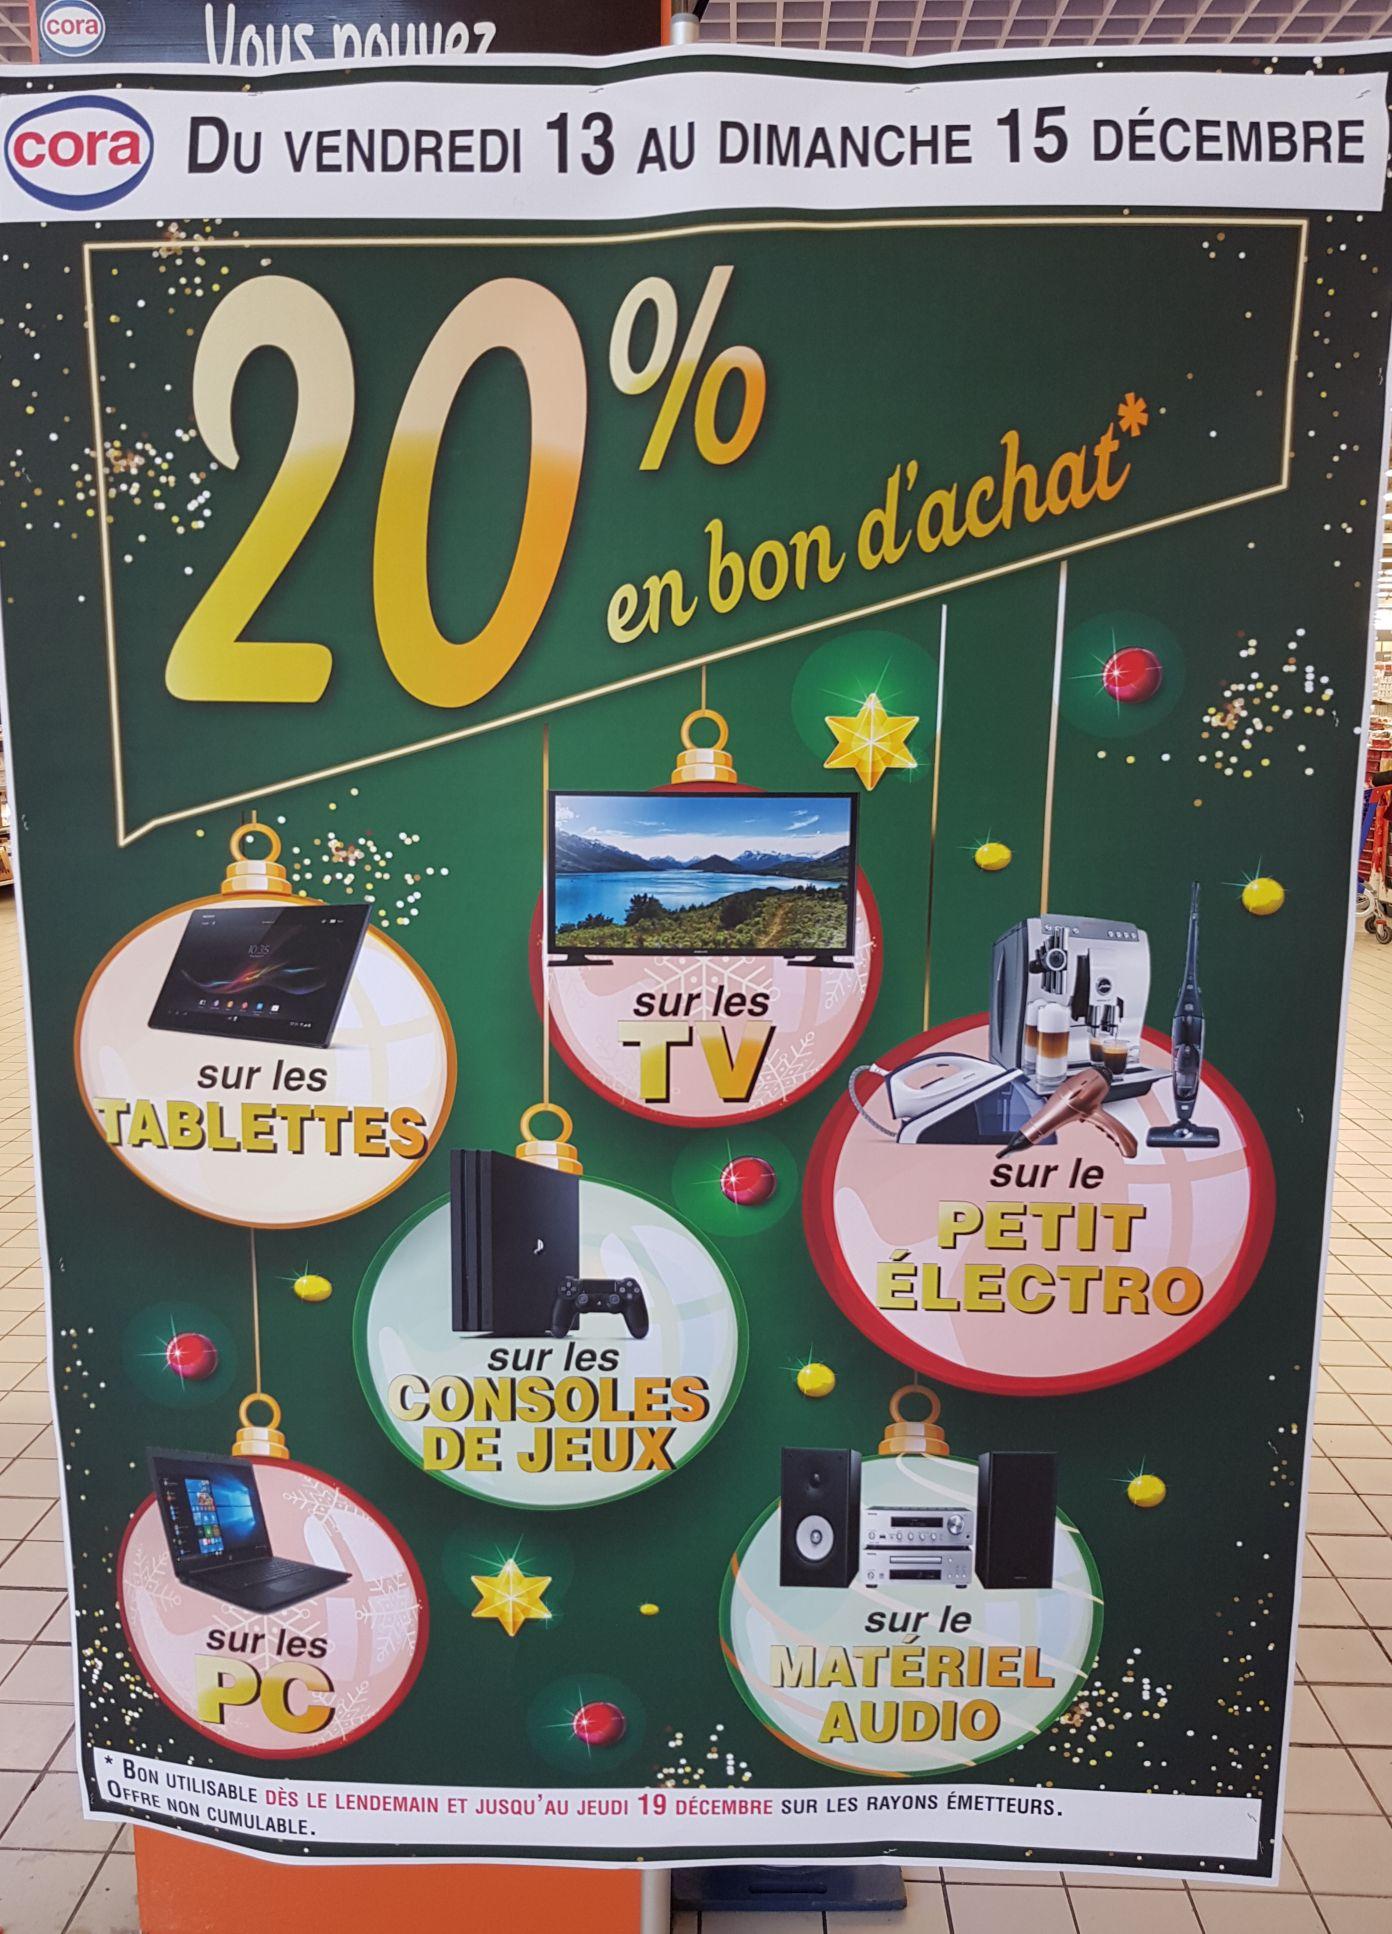 20% en bon d'achat sur l'ensemble des Tablettes/TV/consoles de jeux/pc/matériel audio et petit électro (Creil 60)